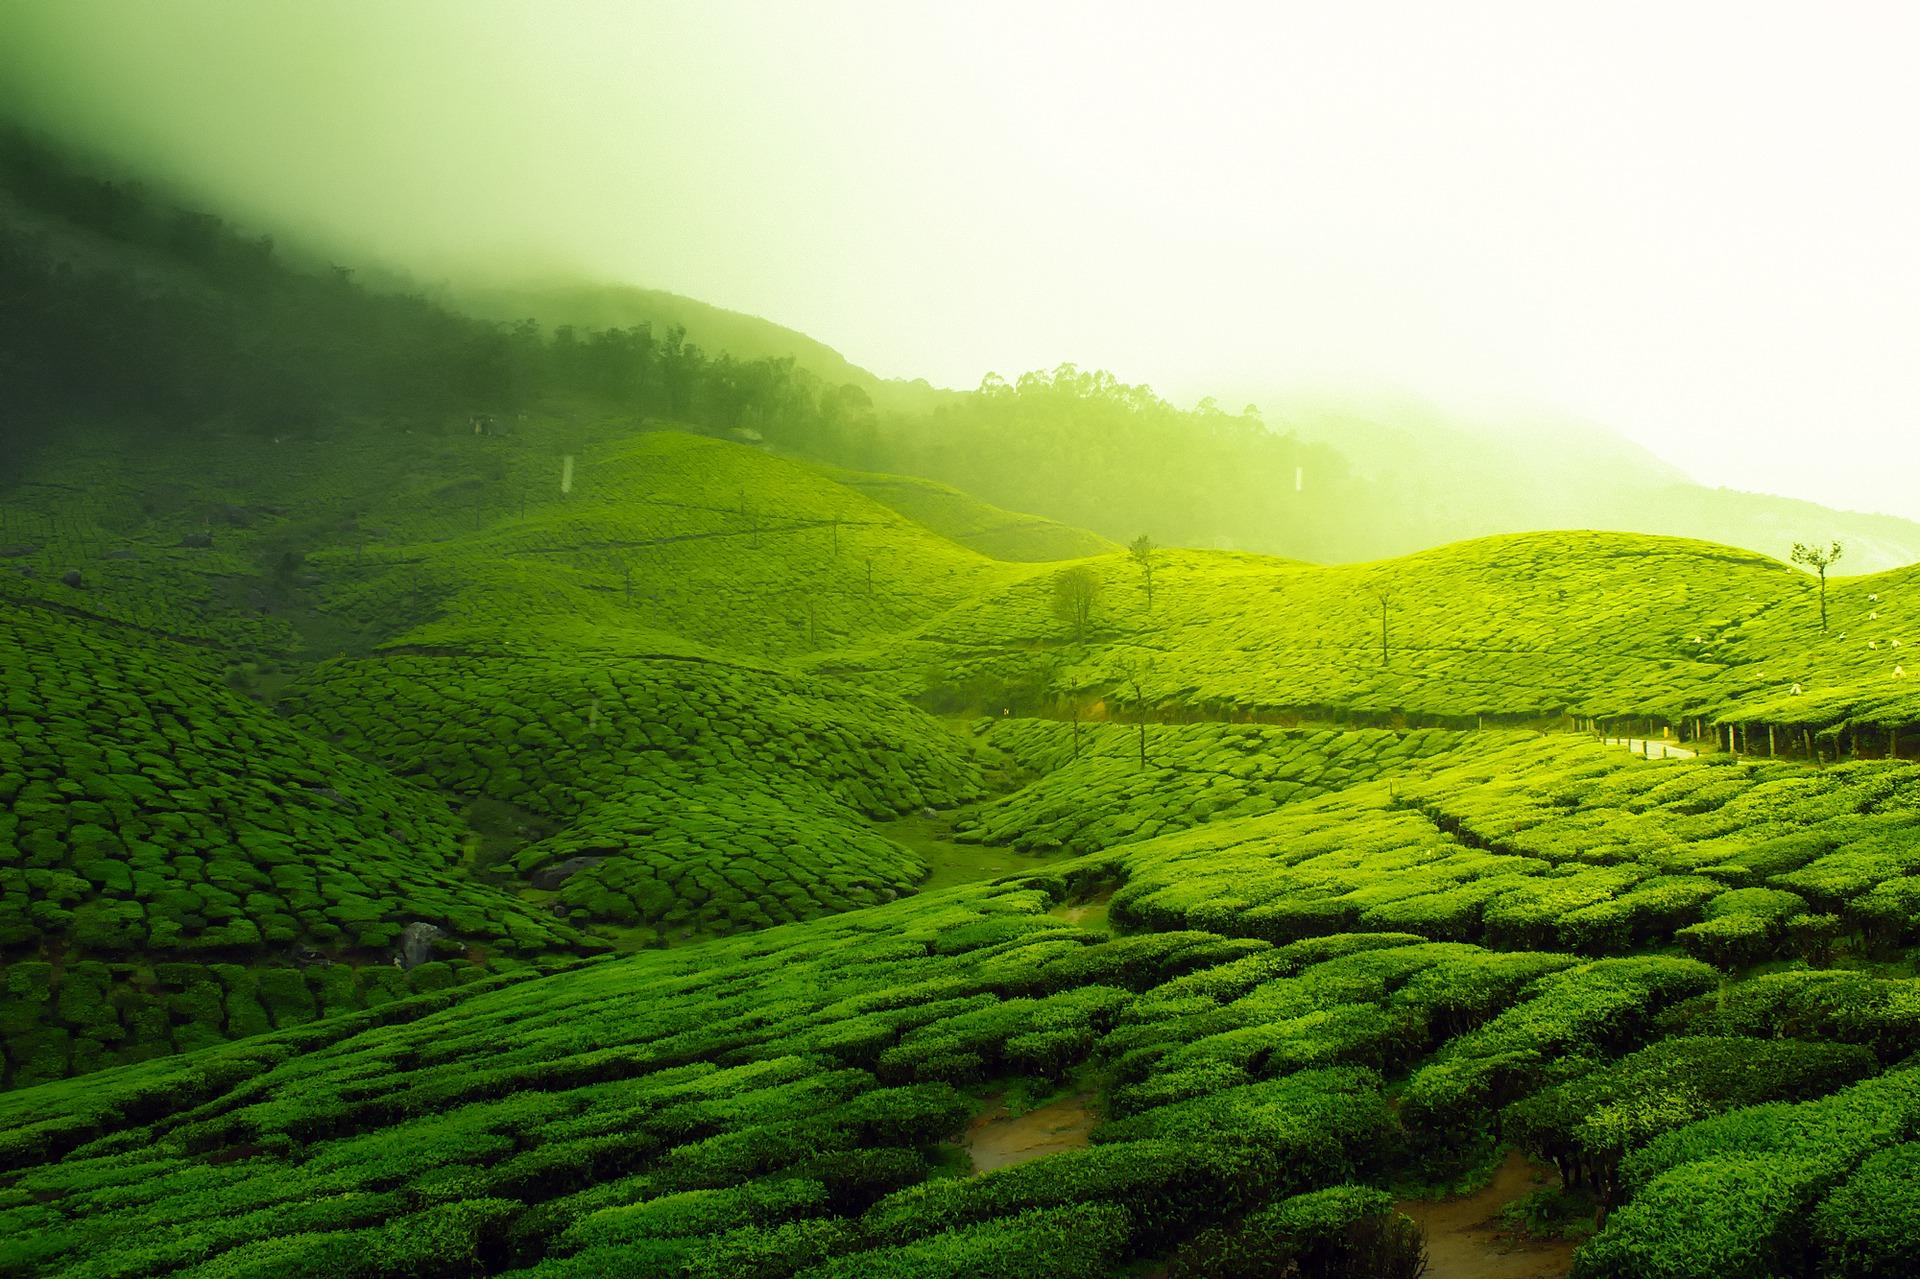 Hintergrundbild - Indisches Teefeld